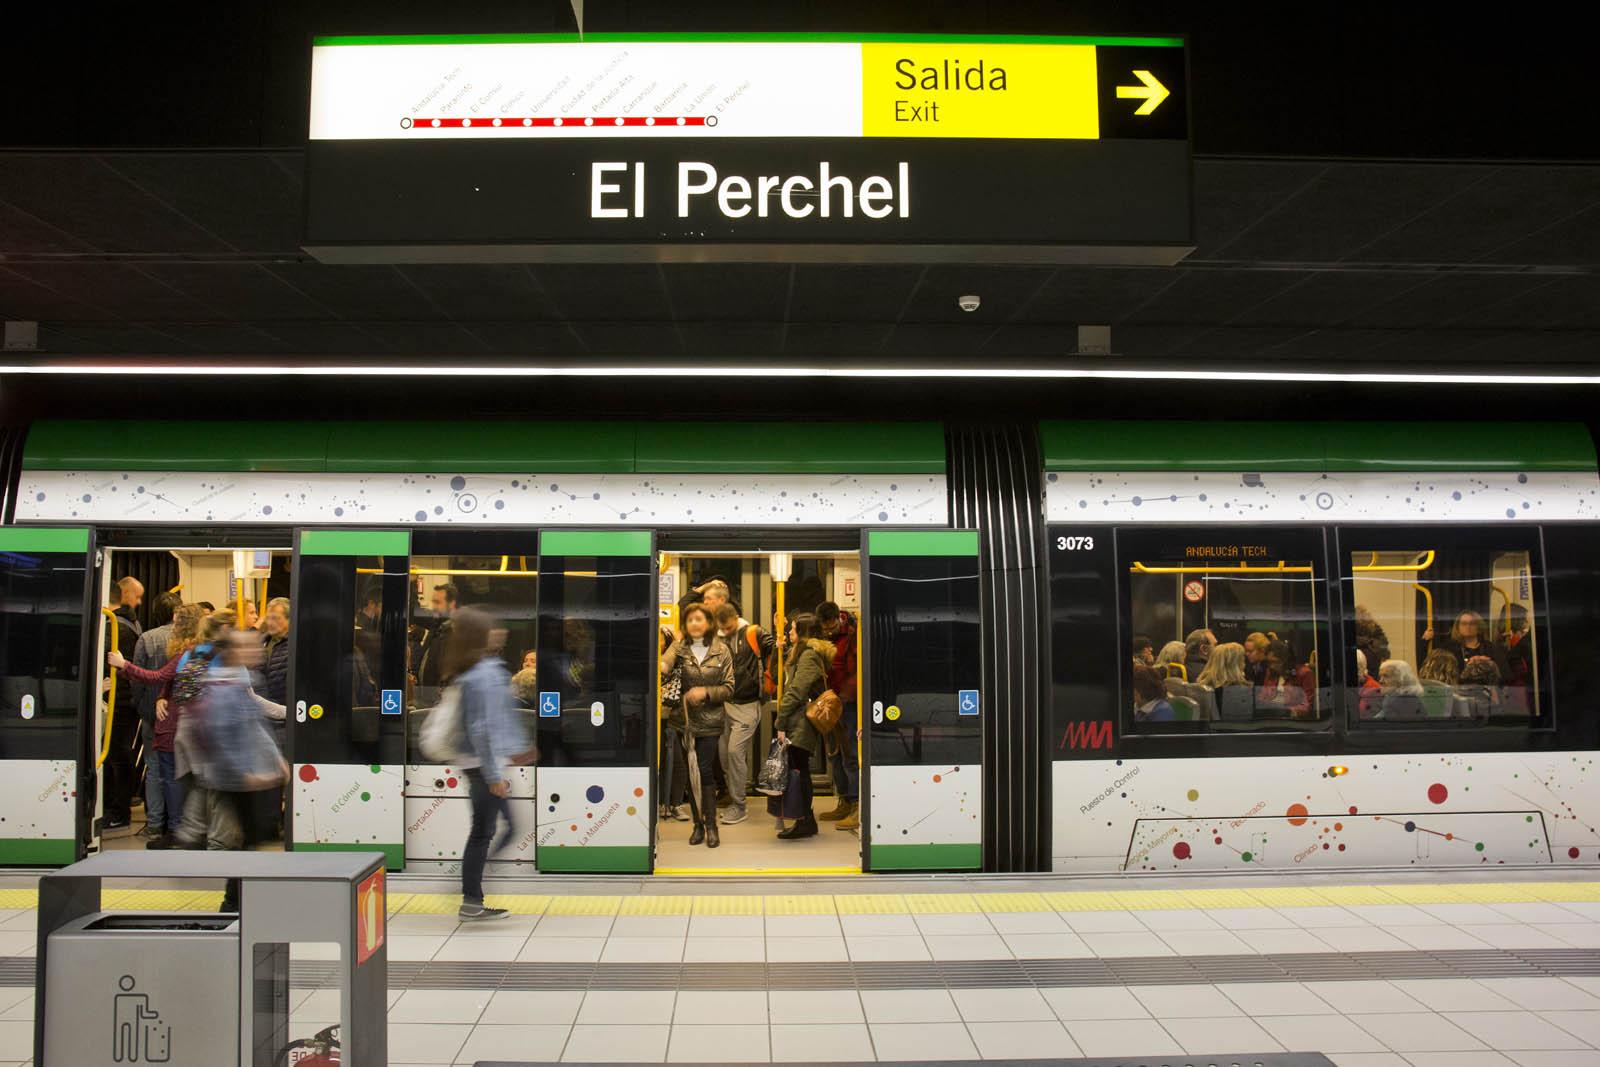 La plataforma baja 100% accesible es común a todas las estaciones y paradas del metro de Málaga.